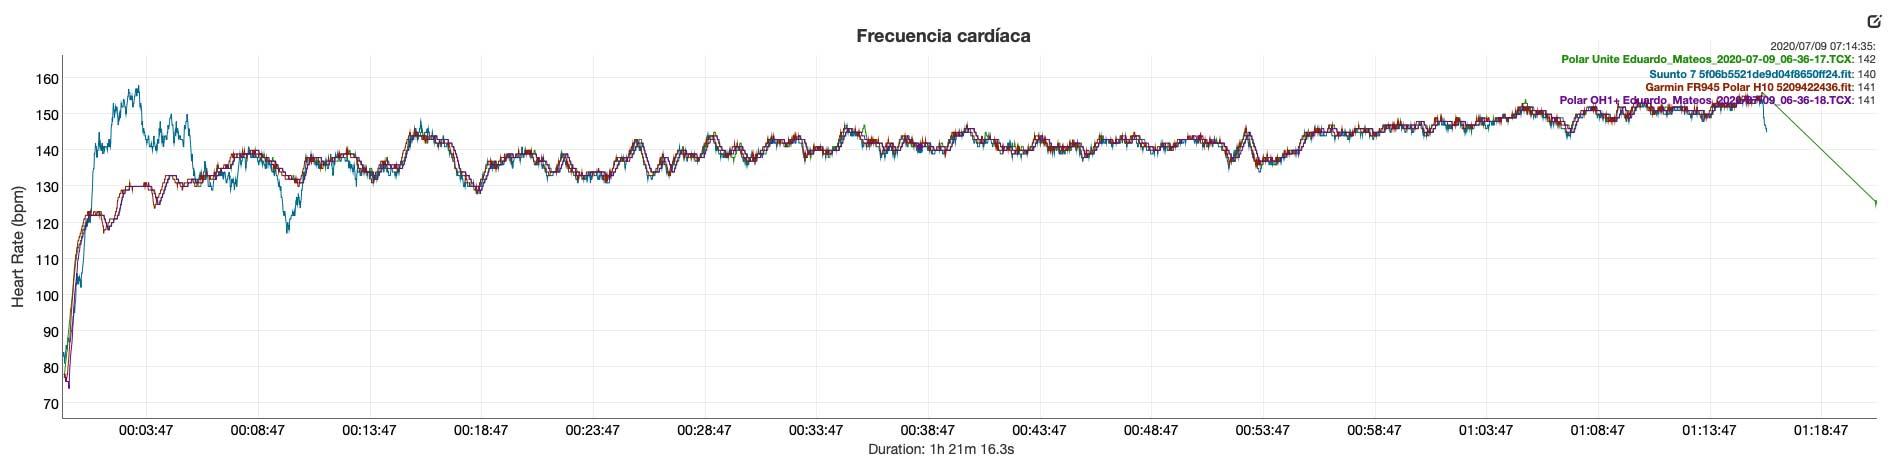 Polar Unite - Comparativa frecuencia cardíaca